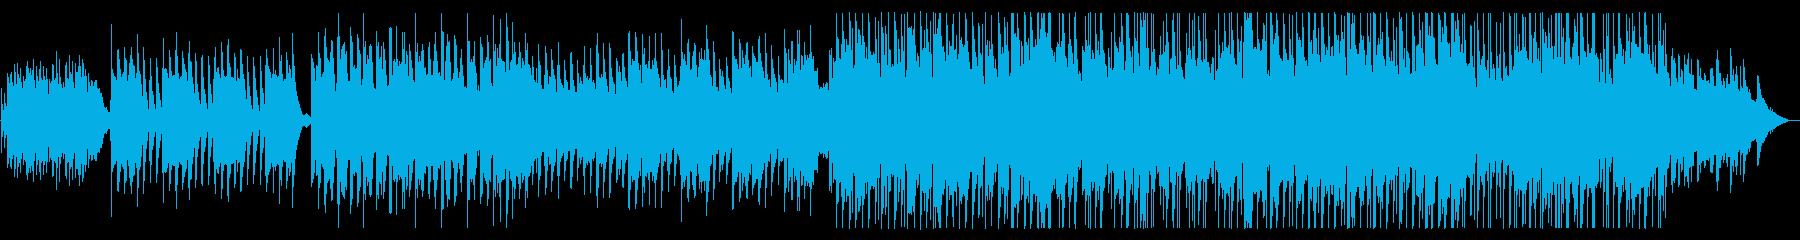 和風メロディーのバラードの再生済みの波形